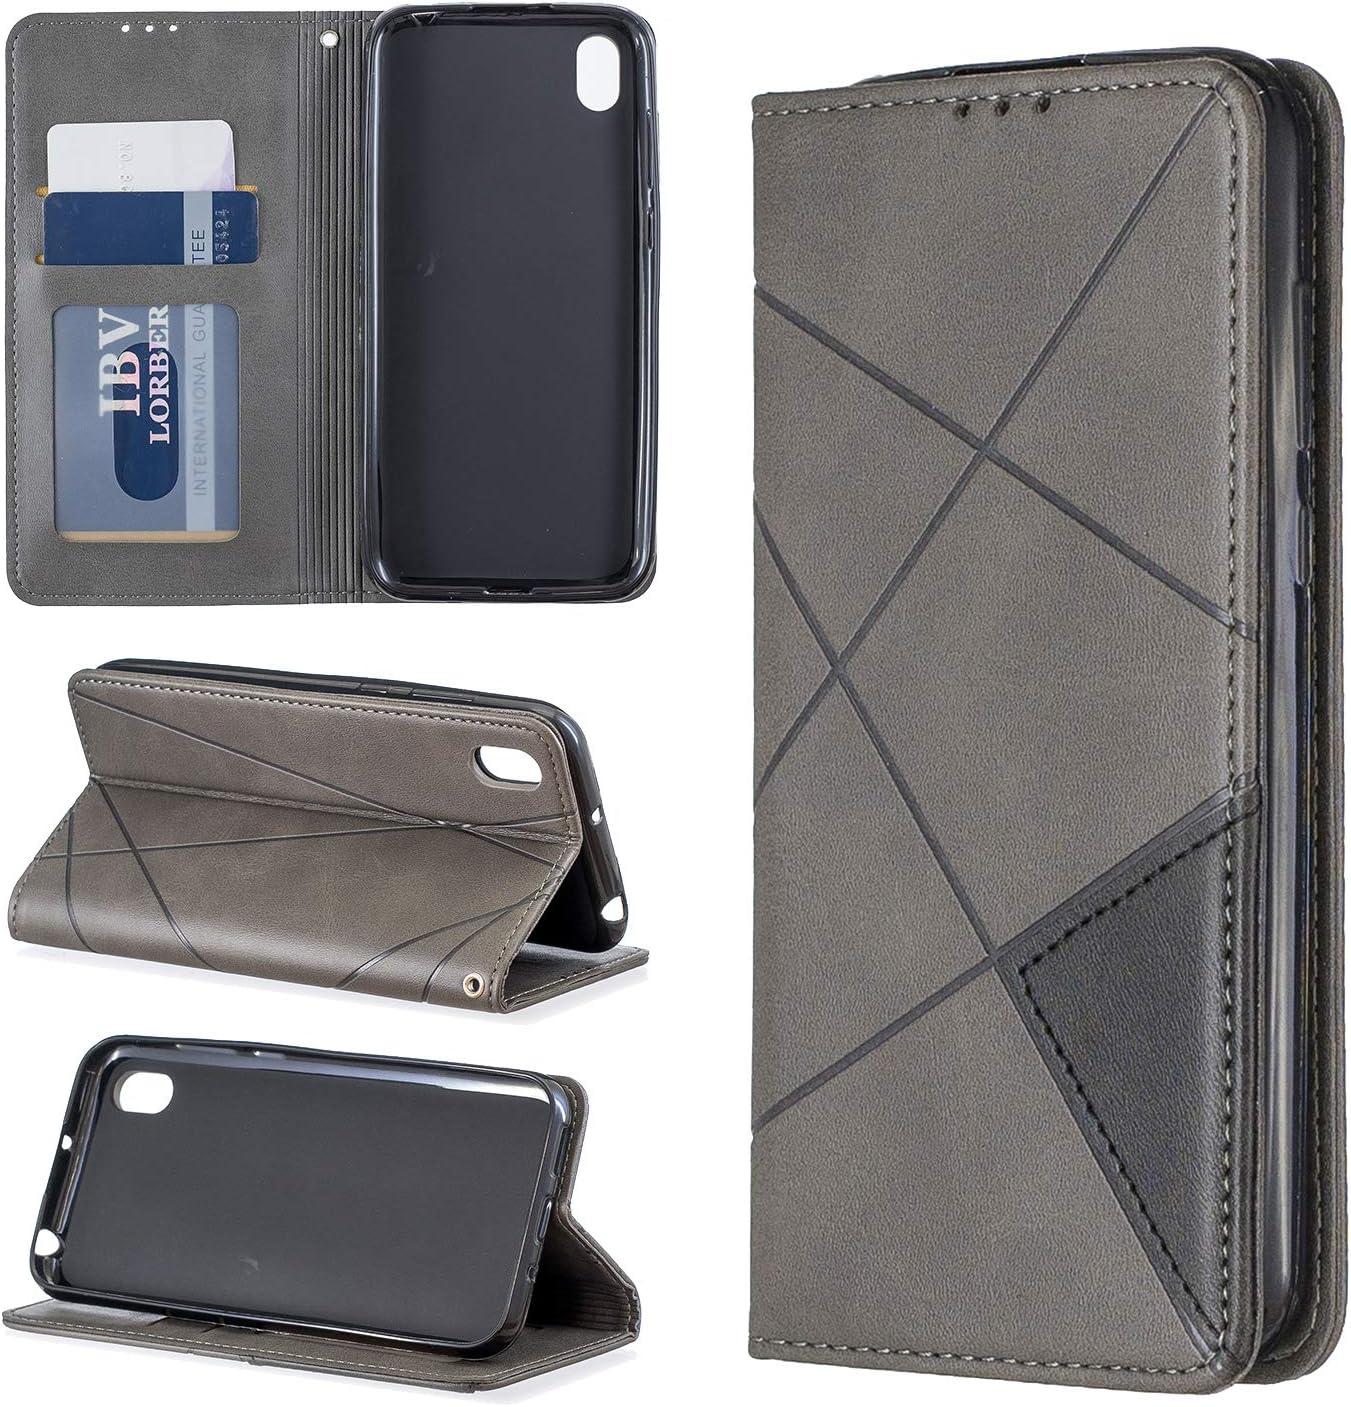 Blau Huphant Compatible for Huawei Y5 2019 H/ülle Klapph/ülle Huawei Y5 2019 Handyh/ülle Flip Leder Cover Kartenfach mit Standfunktion Magnetverschluss Wallet Case f/ür Huawei Y5 2019